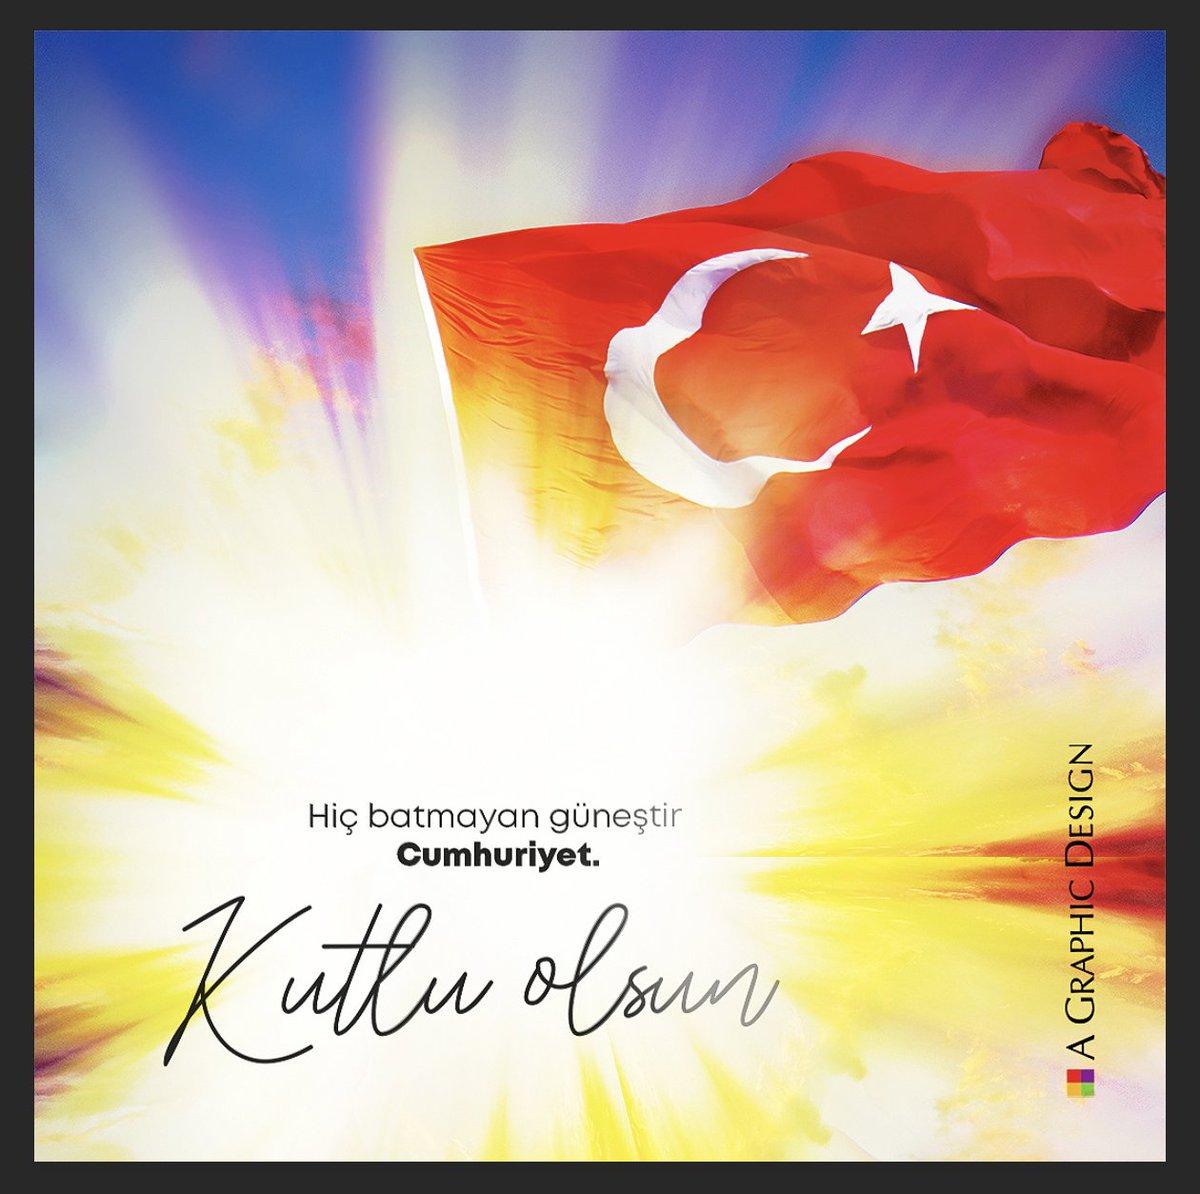 29 Ekim Cumhuriyet Bayramımızın 97. yılı kutlu olsun! 🇹🇷 #29Ekim #CumhuriyetBayramı #agrafikdizayn https://t.co/dm392AO3fX